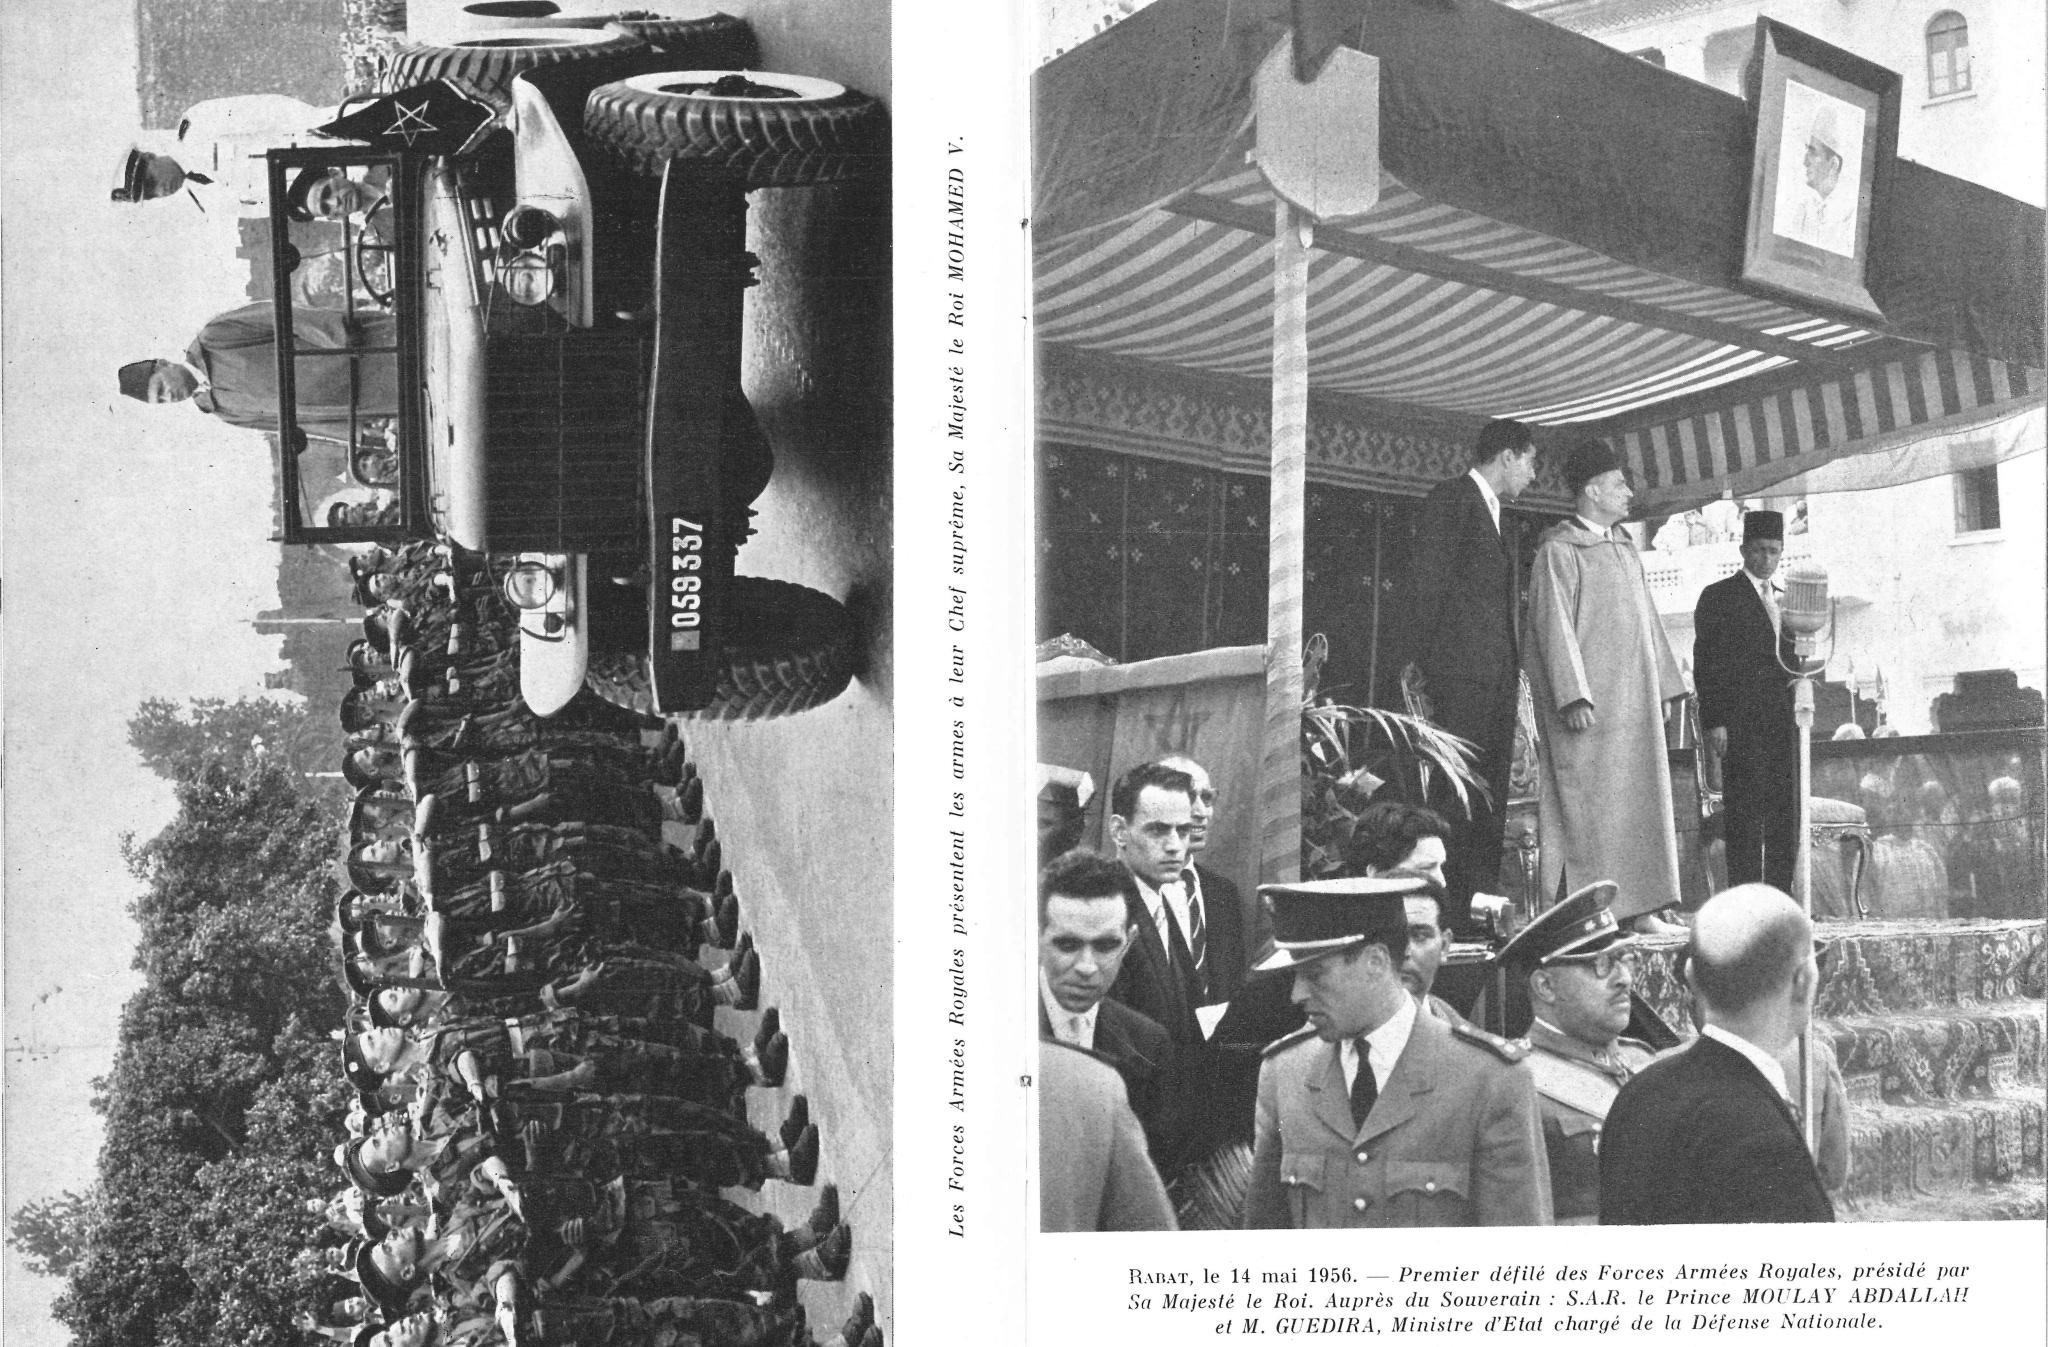 1957 - Les Forces Armées Royales  48642579427_419c9dde18_o